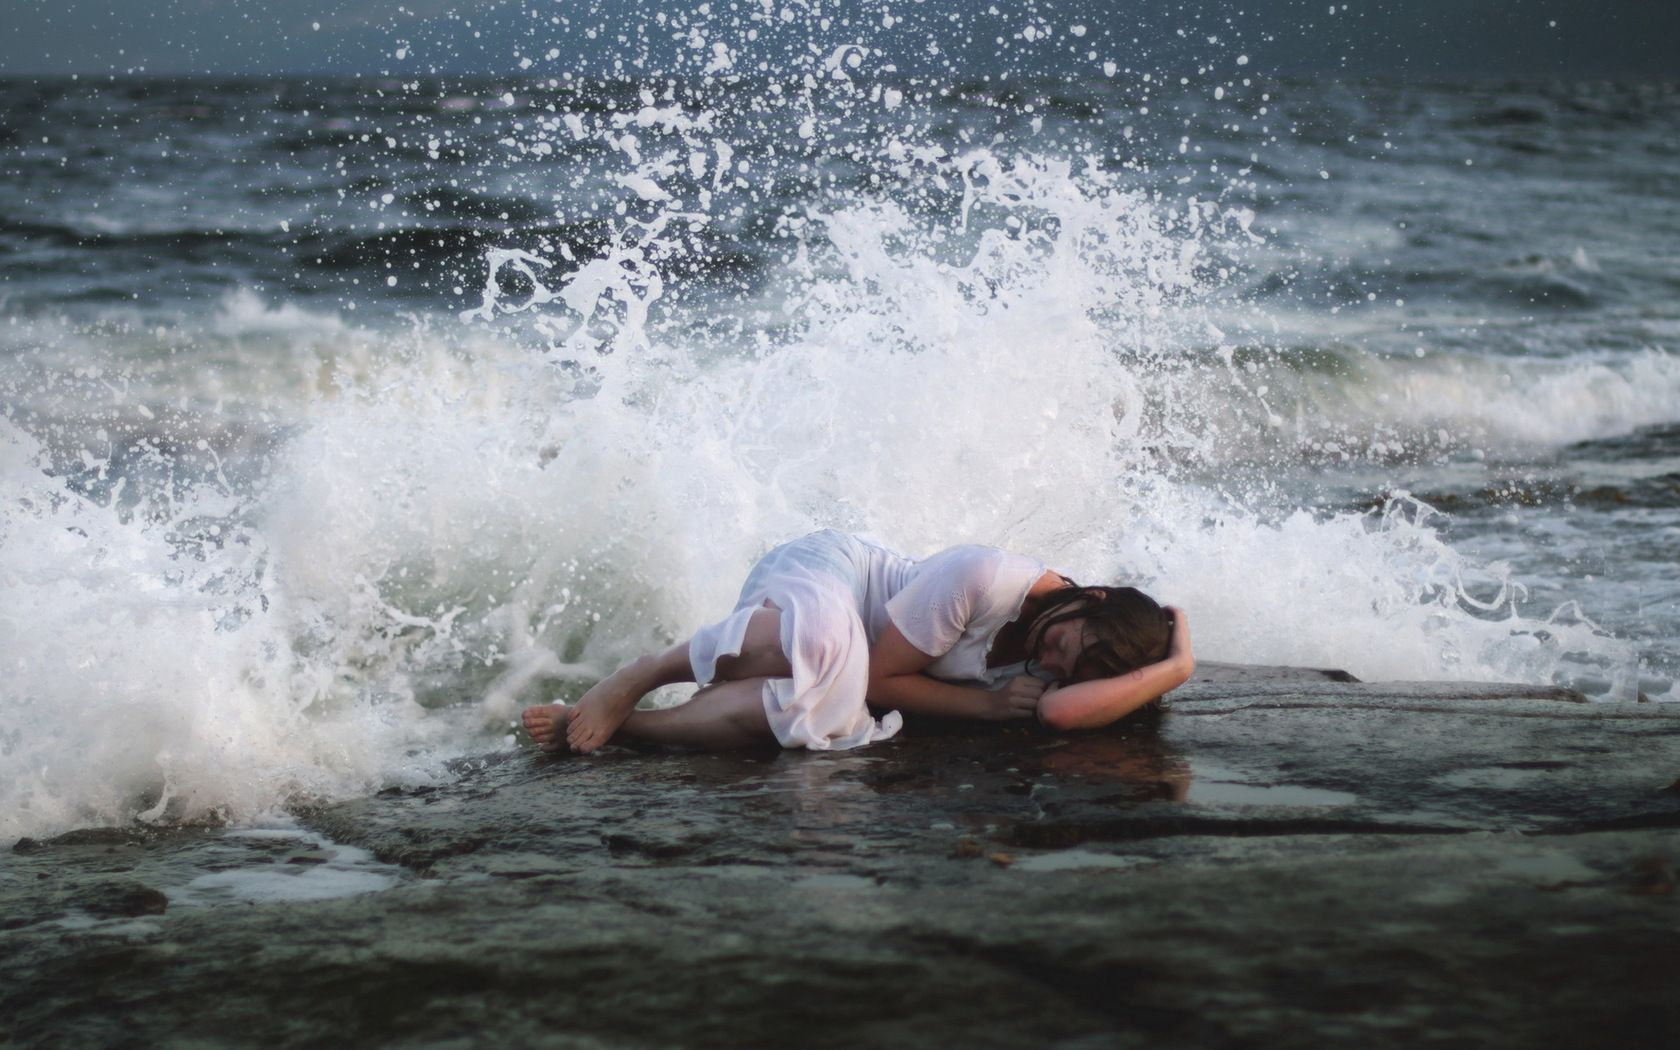 К чему снится что вокруг тебя море и вода бурлящая